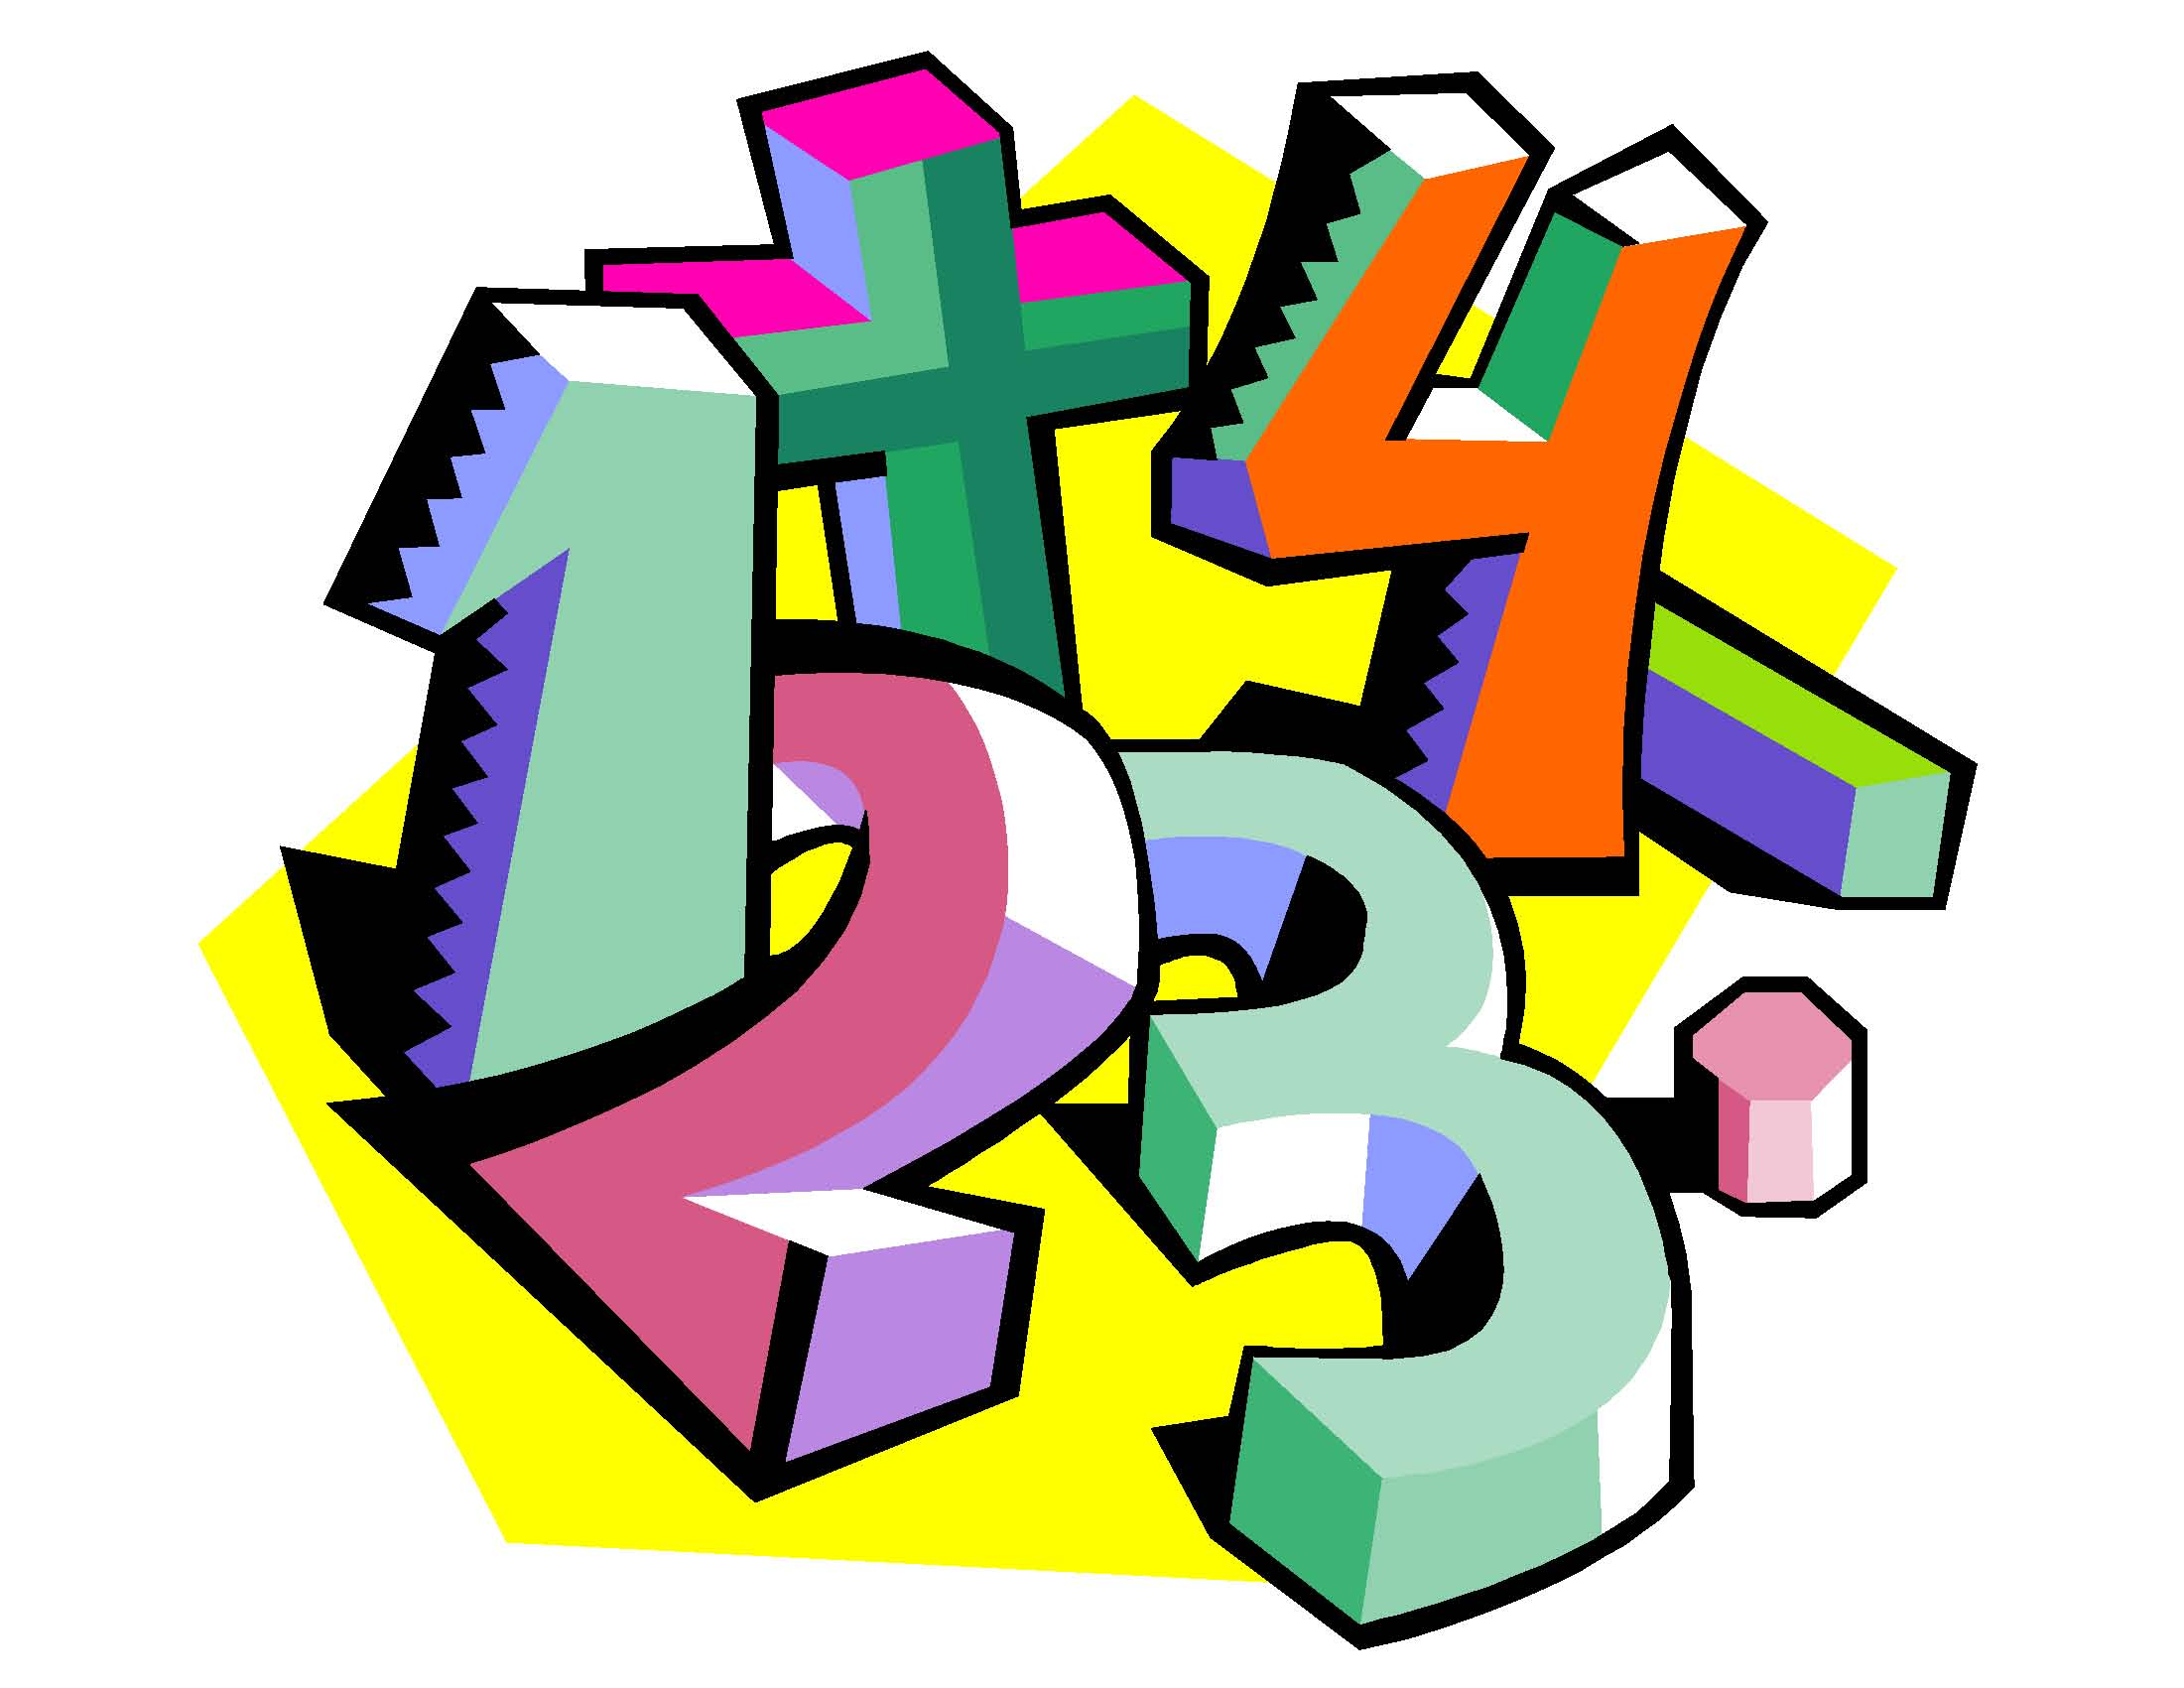 2201x1701 Clip Art Of Math Clipart Panda